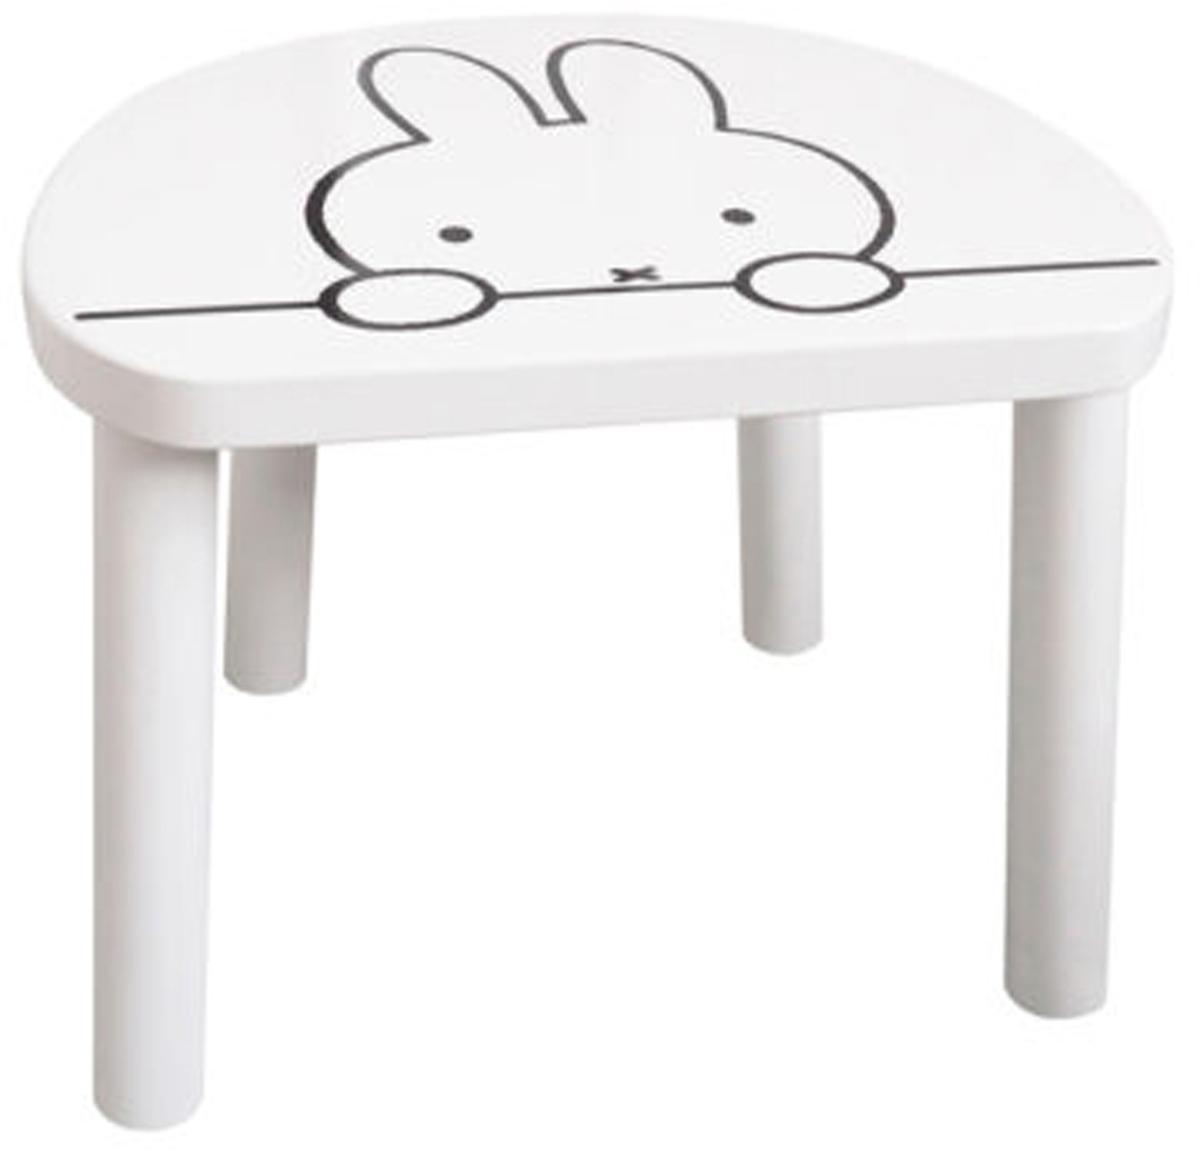 Kinderhocker Miffy, Sitzfläche: Mitteldichte Holzfaserpla, Beine: Kiefernholz, Weiss, Schwarz, 32 x 25 cm